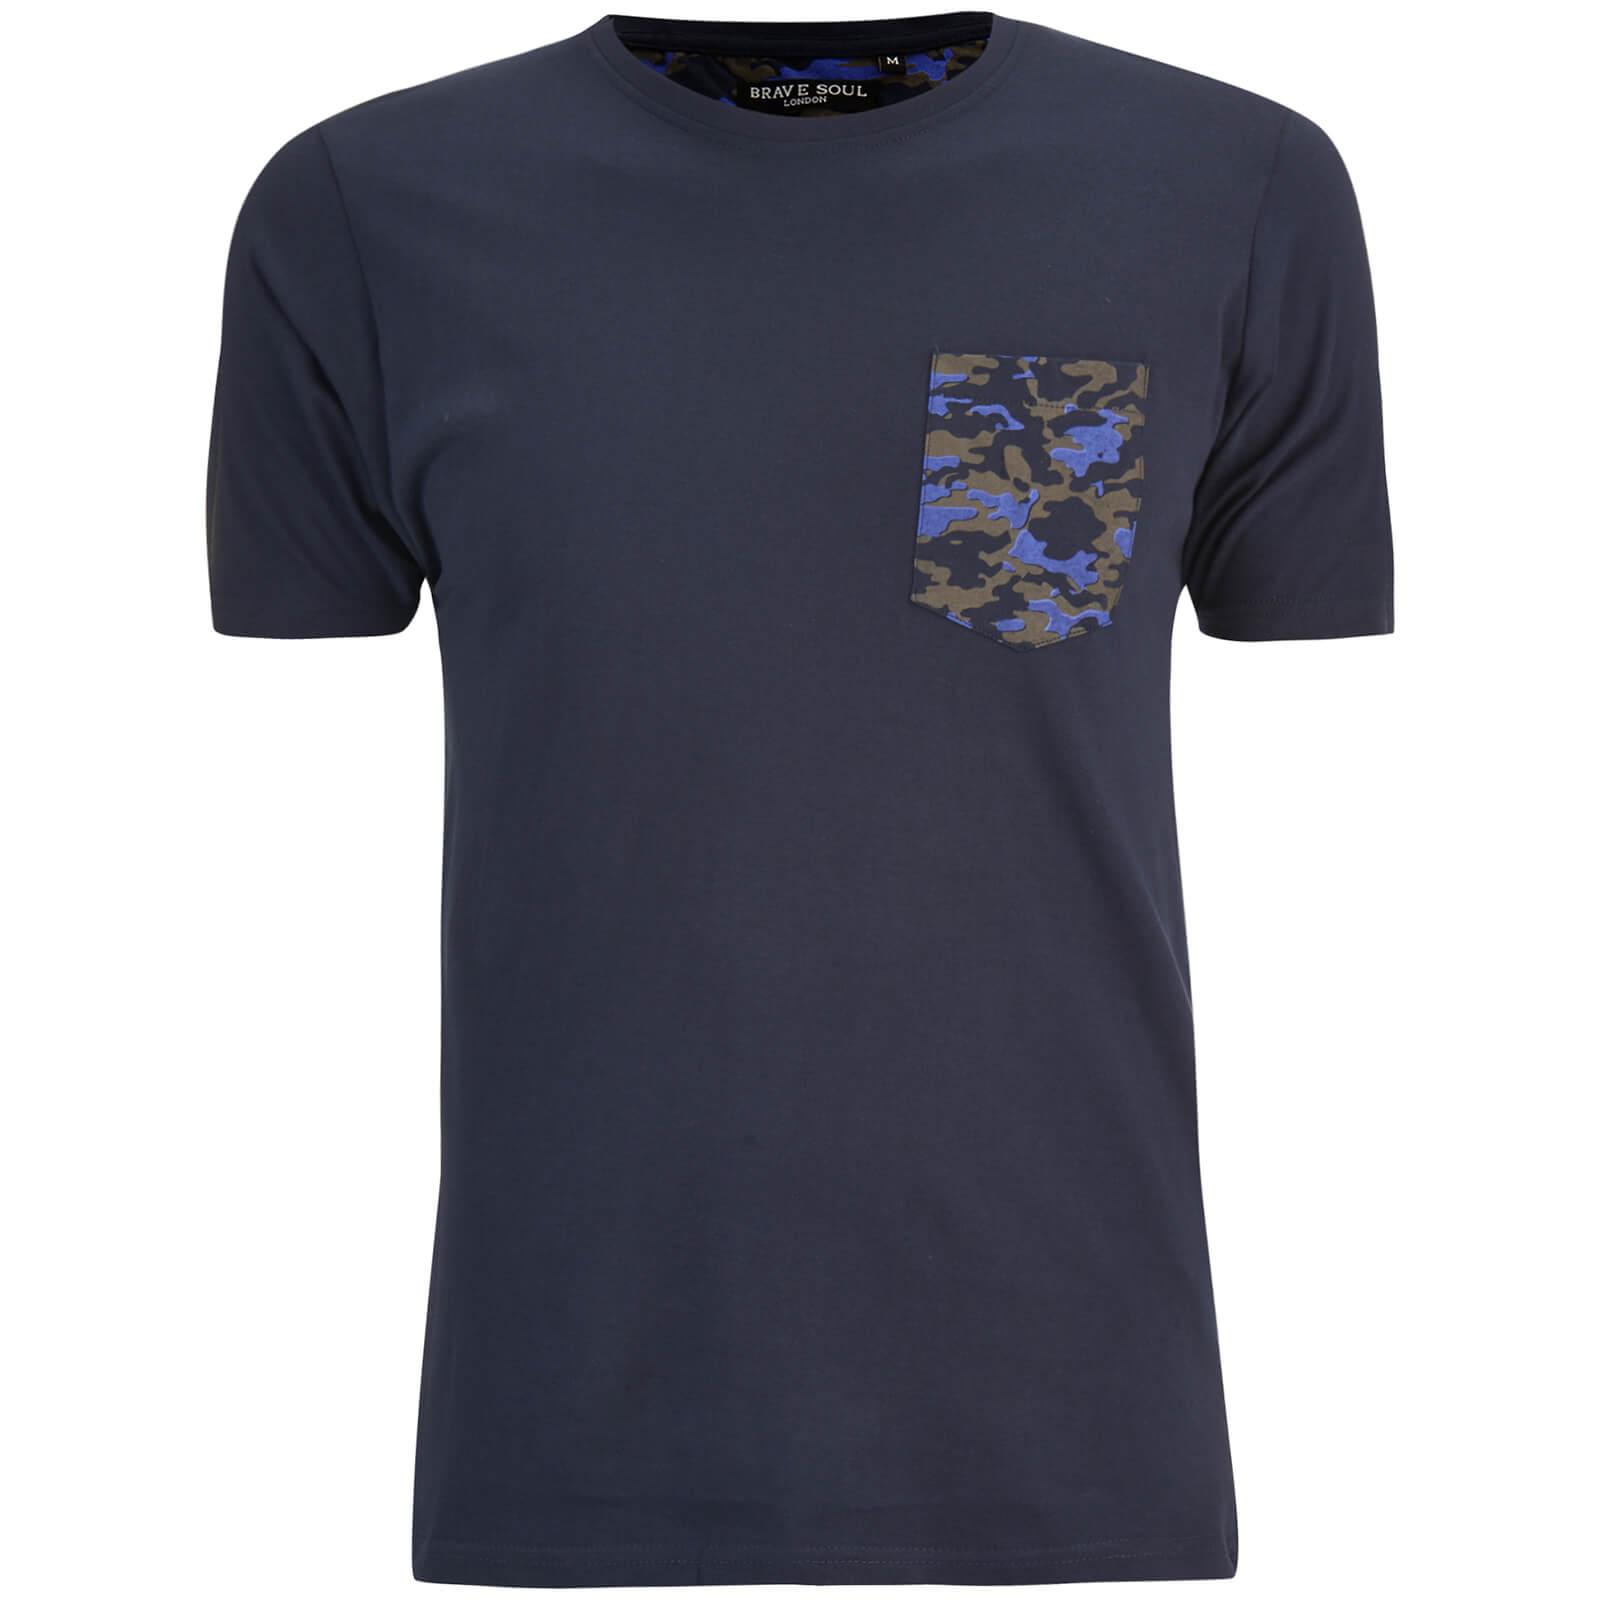 t shirt homme pulp camouflage brave soul bleu marine v tements. Black Bedroom Furniture Sets. Home Design Ideas